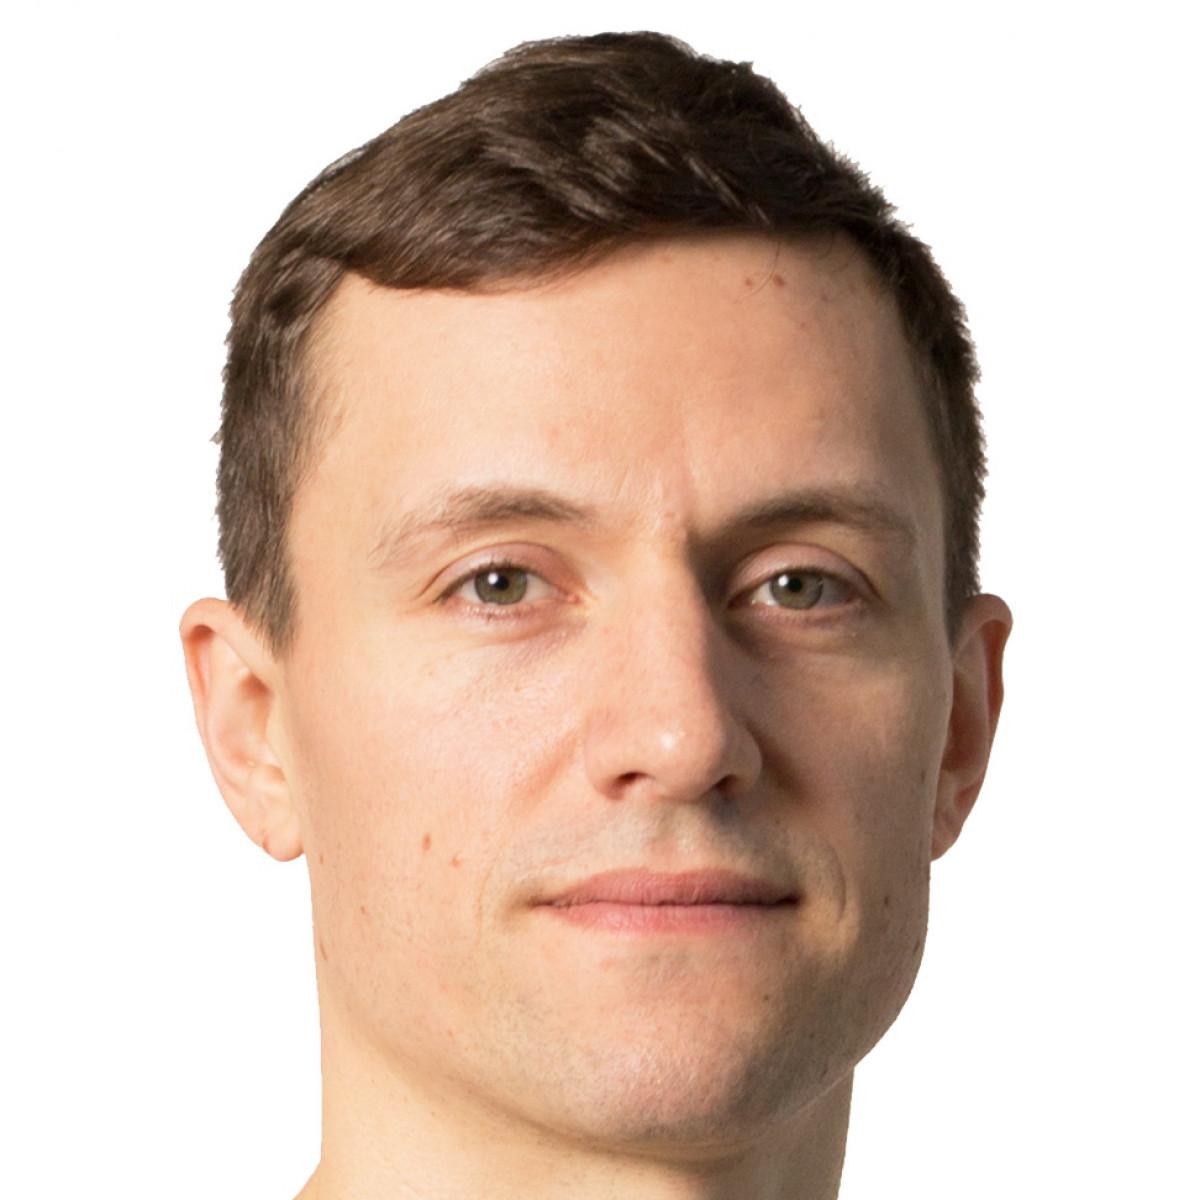 Mantas Ruikis